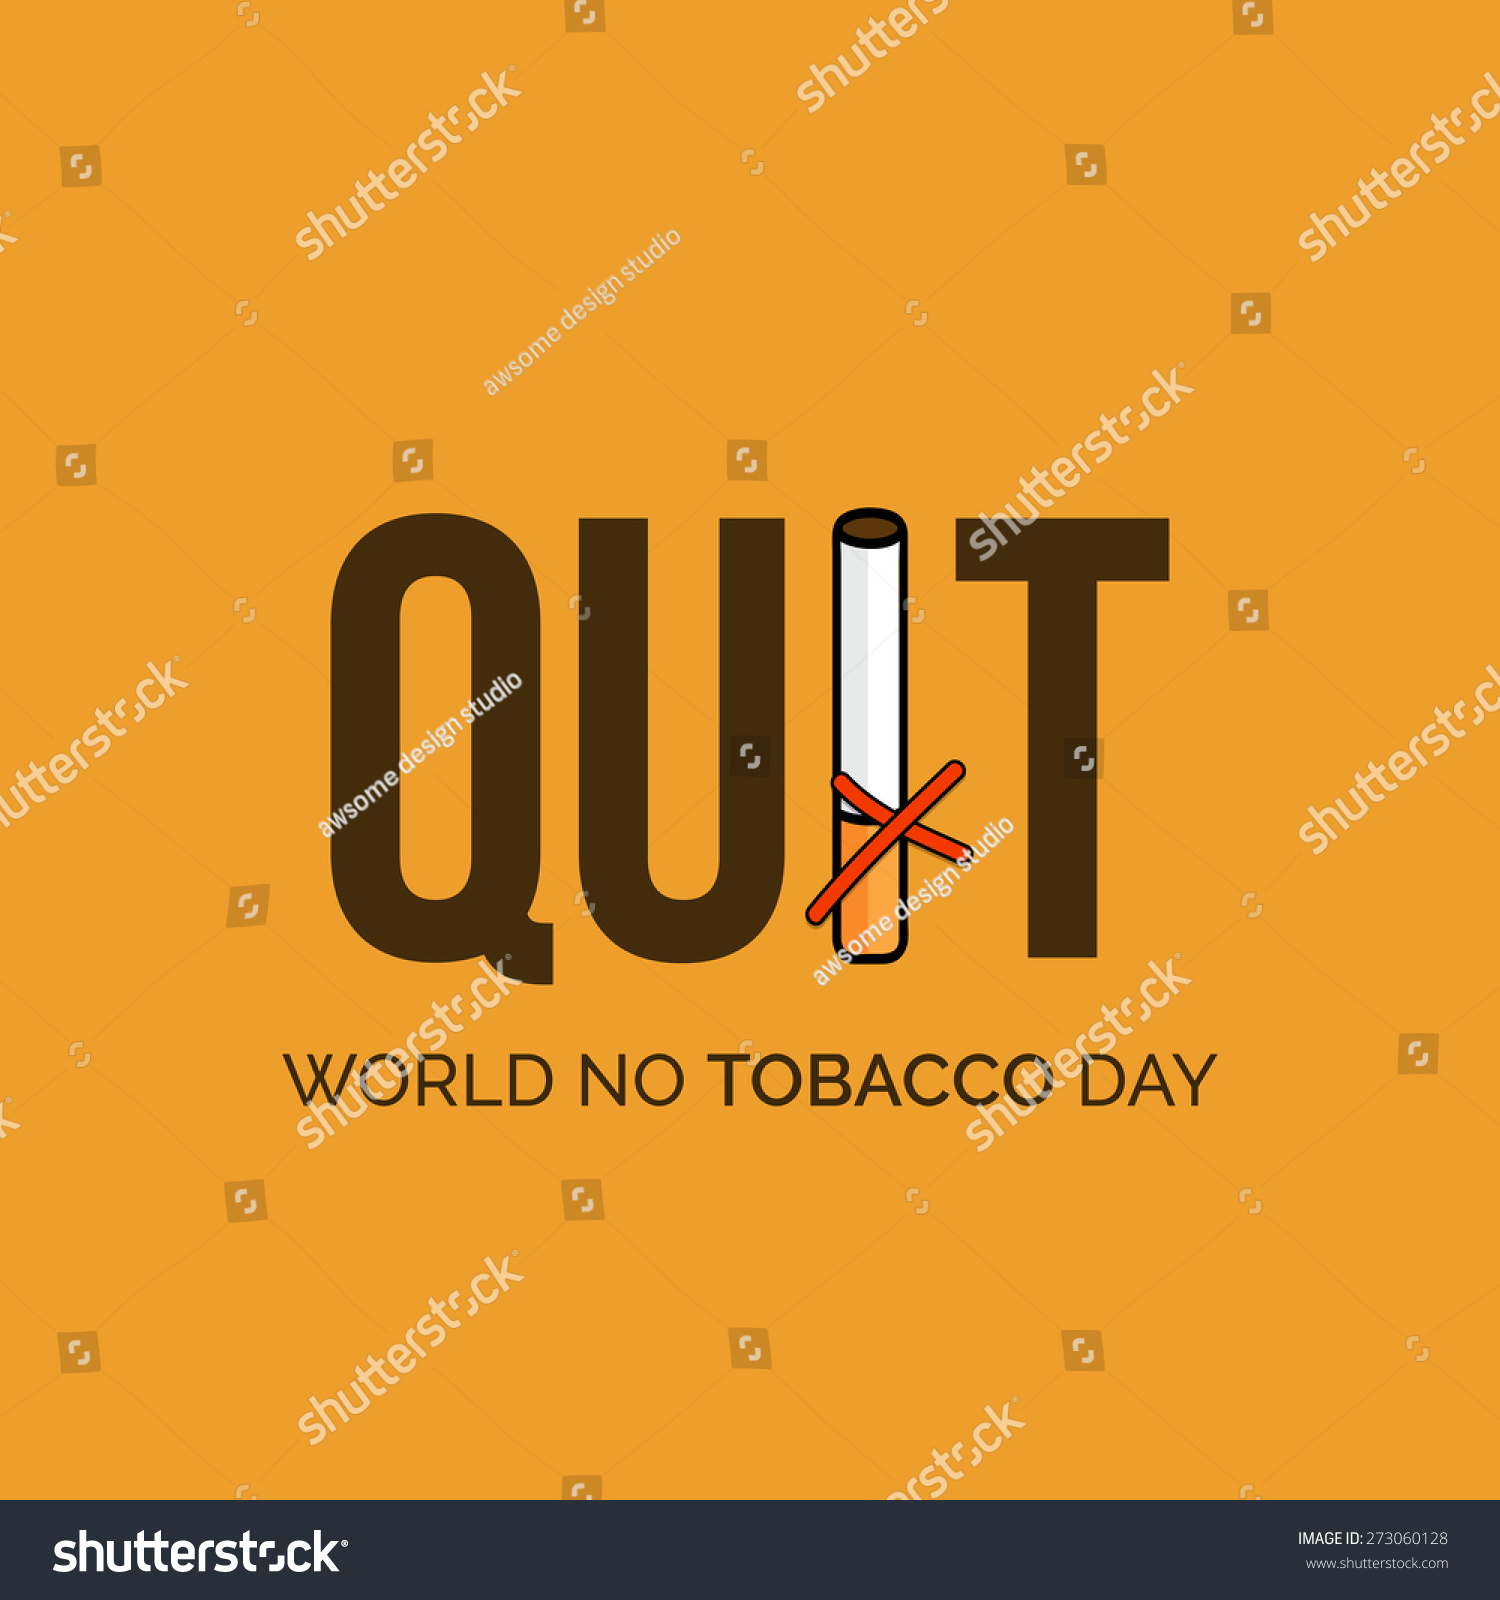 英语戒烟创意海报图片